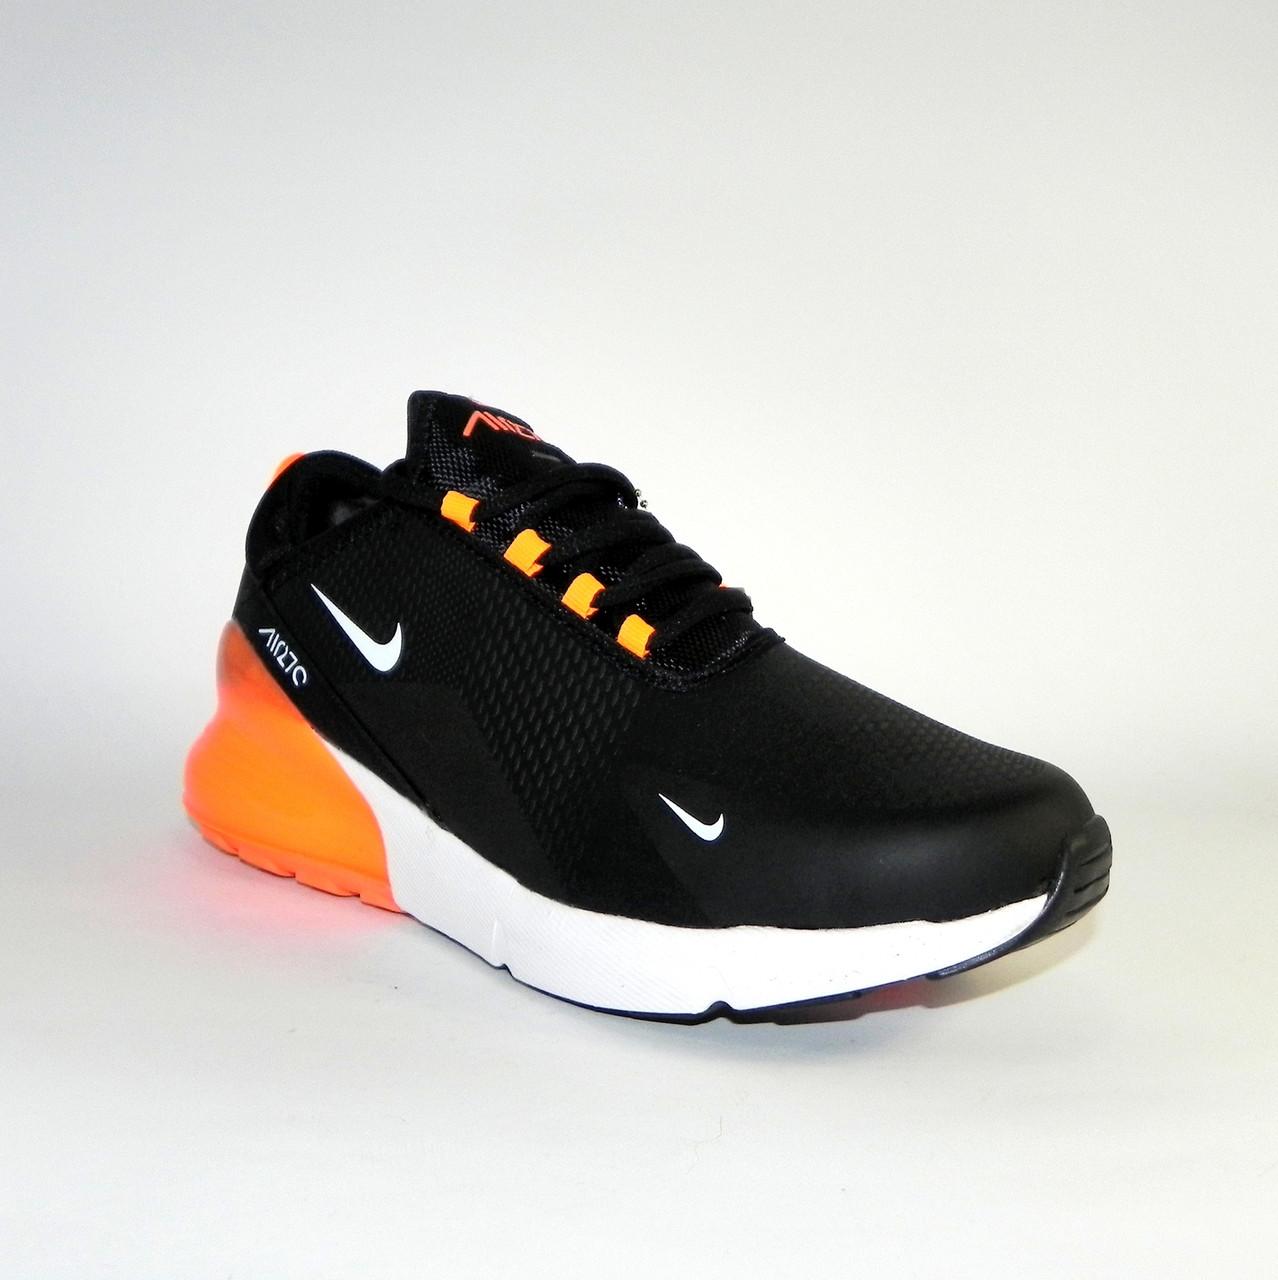 ca1a4713 ... Кроссовки мужские зимние Nike Air Max 270 Black/Orange (в стиле Найк),  ...